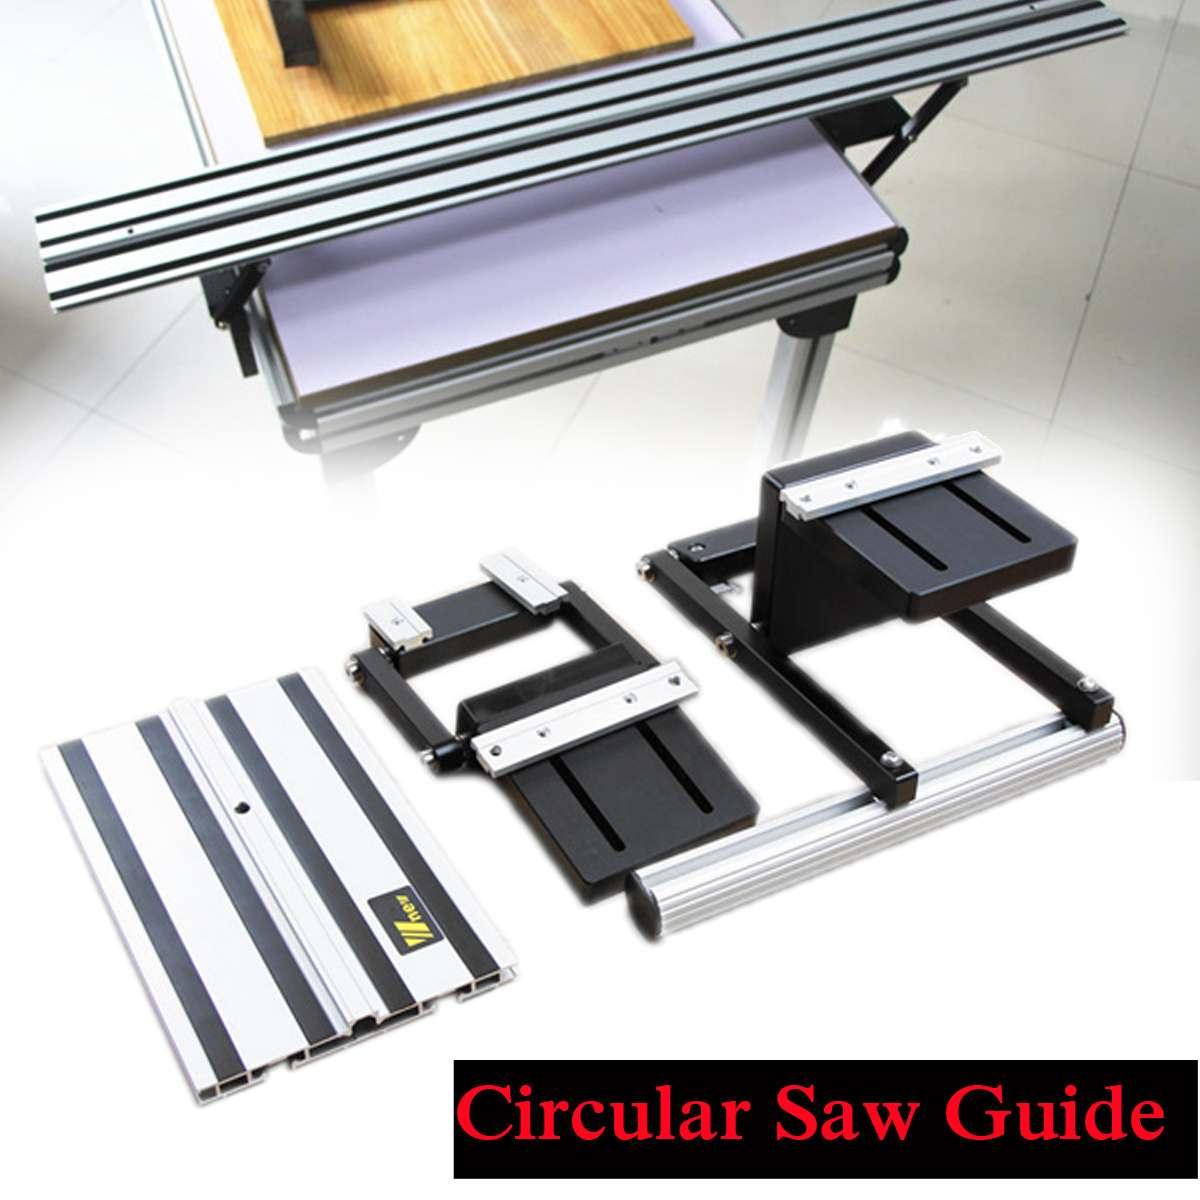 Drillpro ensemble de Guide de scie circulaire électrique sans Rail accessoires de levage outil de travail du bois